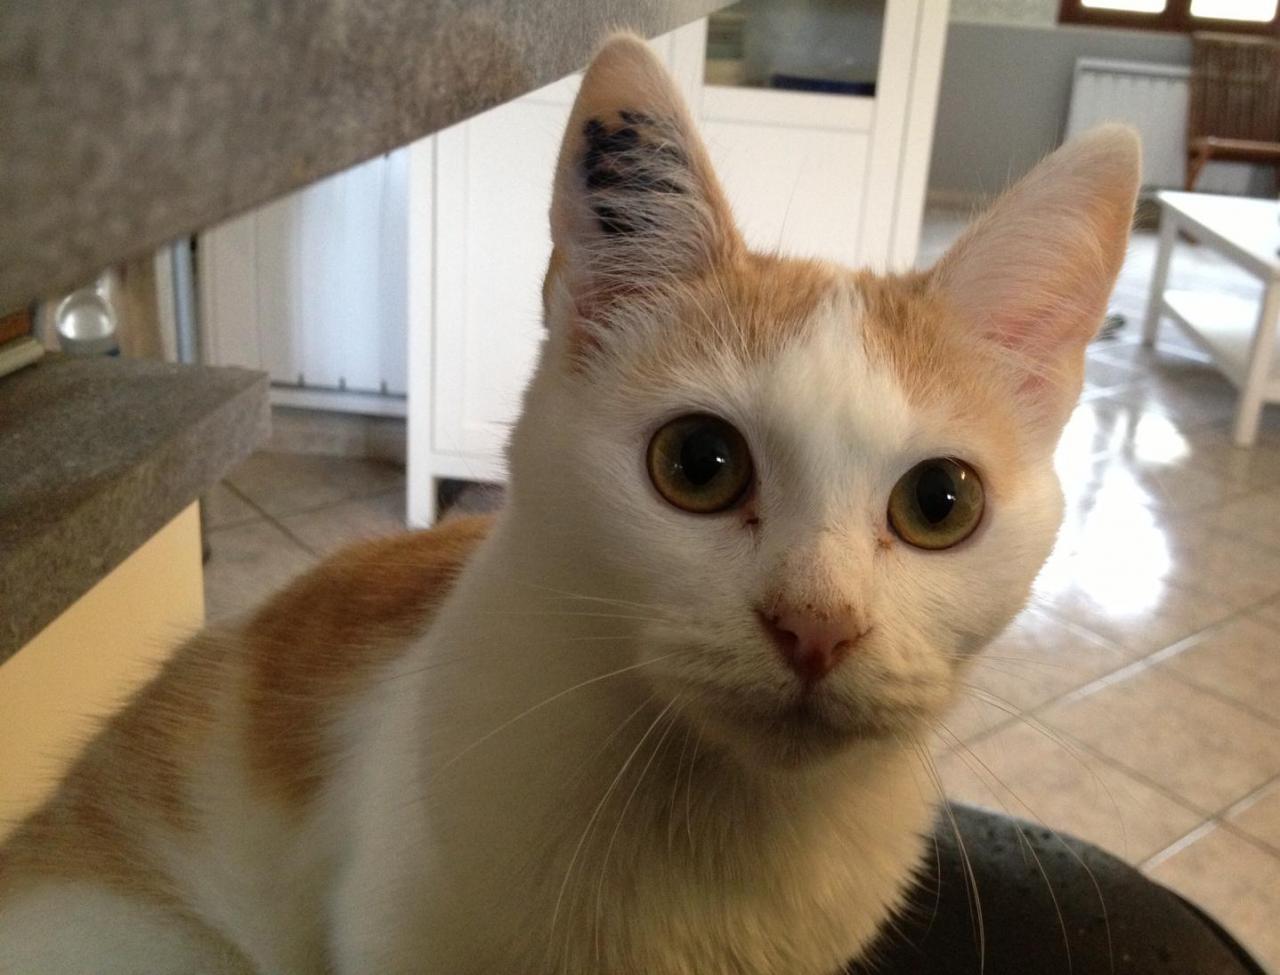 IROKO - M - Né le 18/04/2013 - Adopté en Decembre 2013